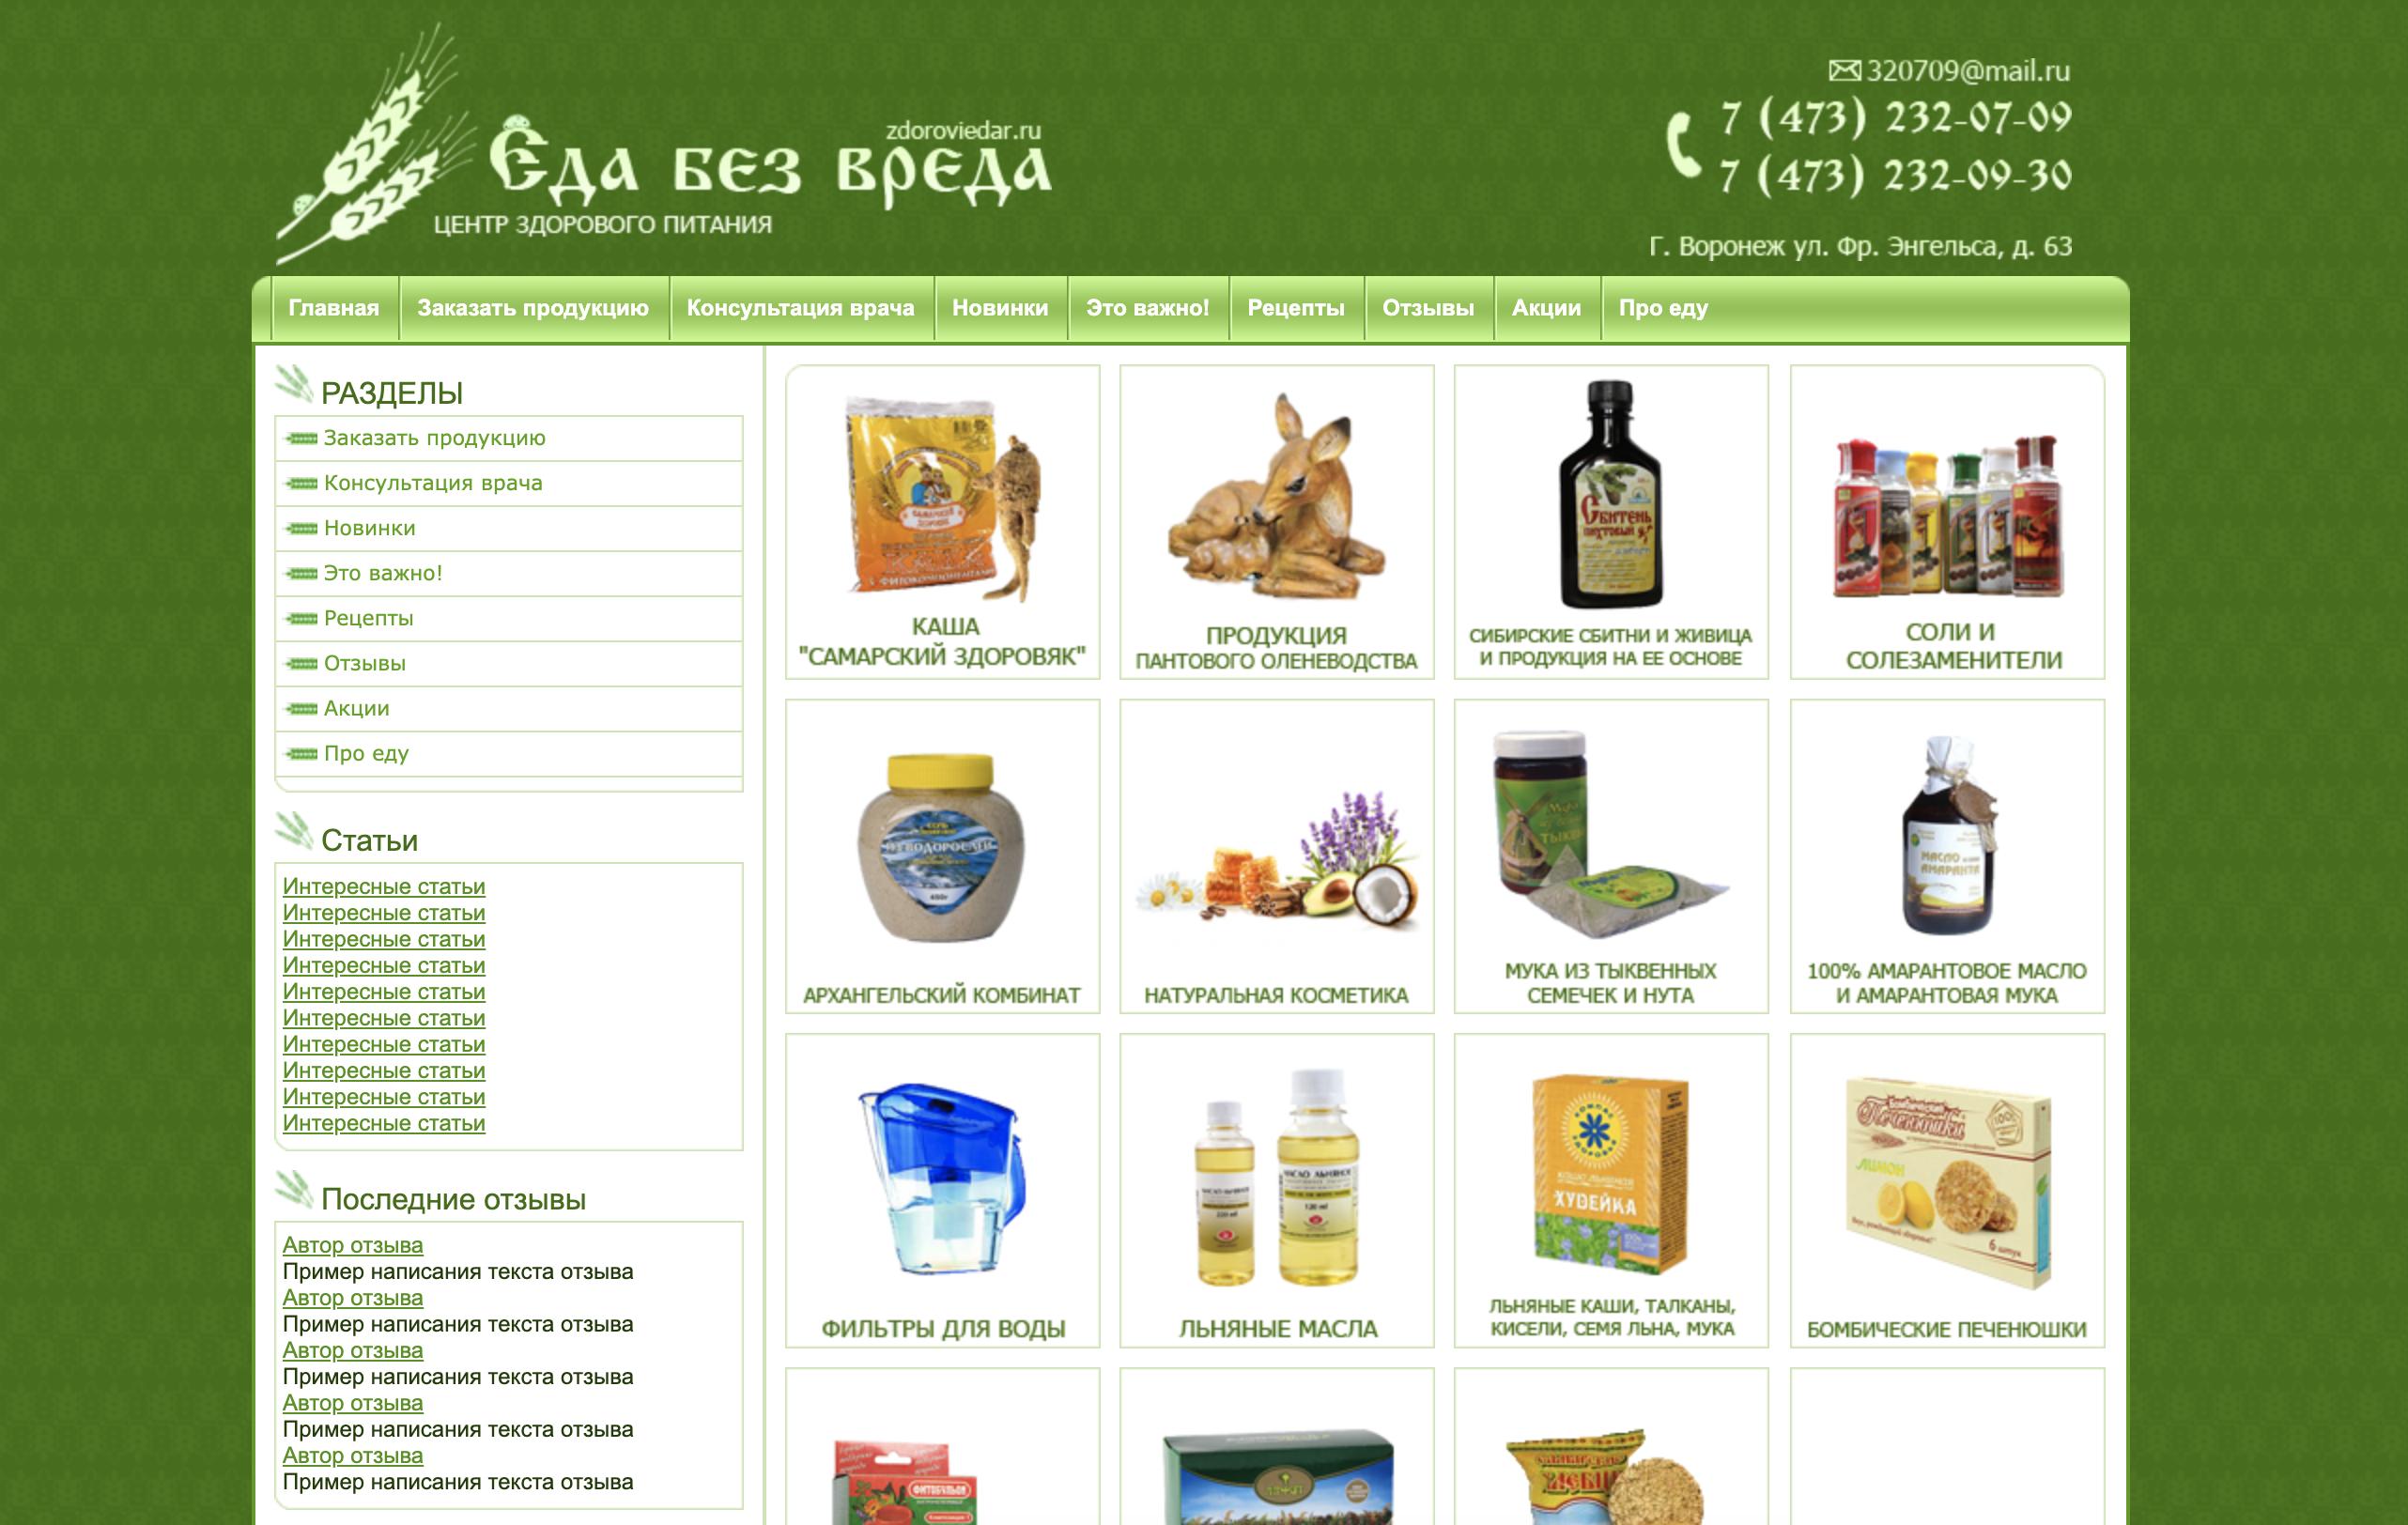 Дизайн для сайта здорового питания ZdorovieDar Green